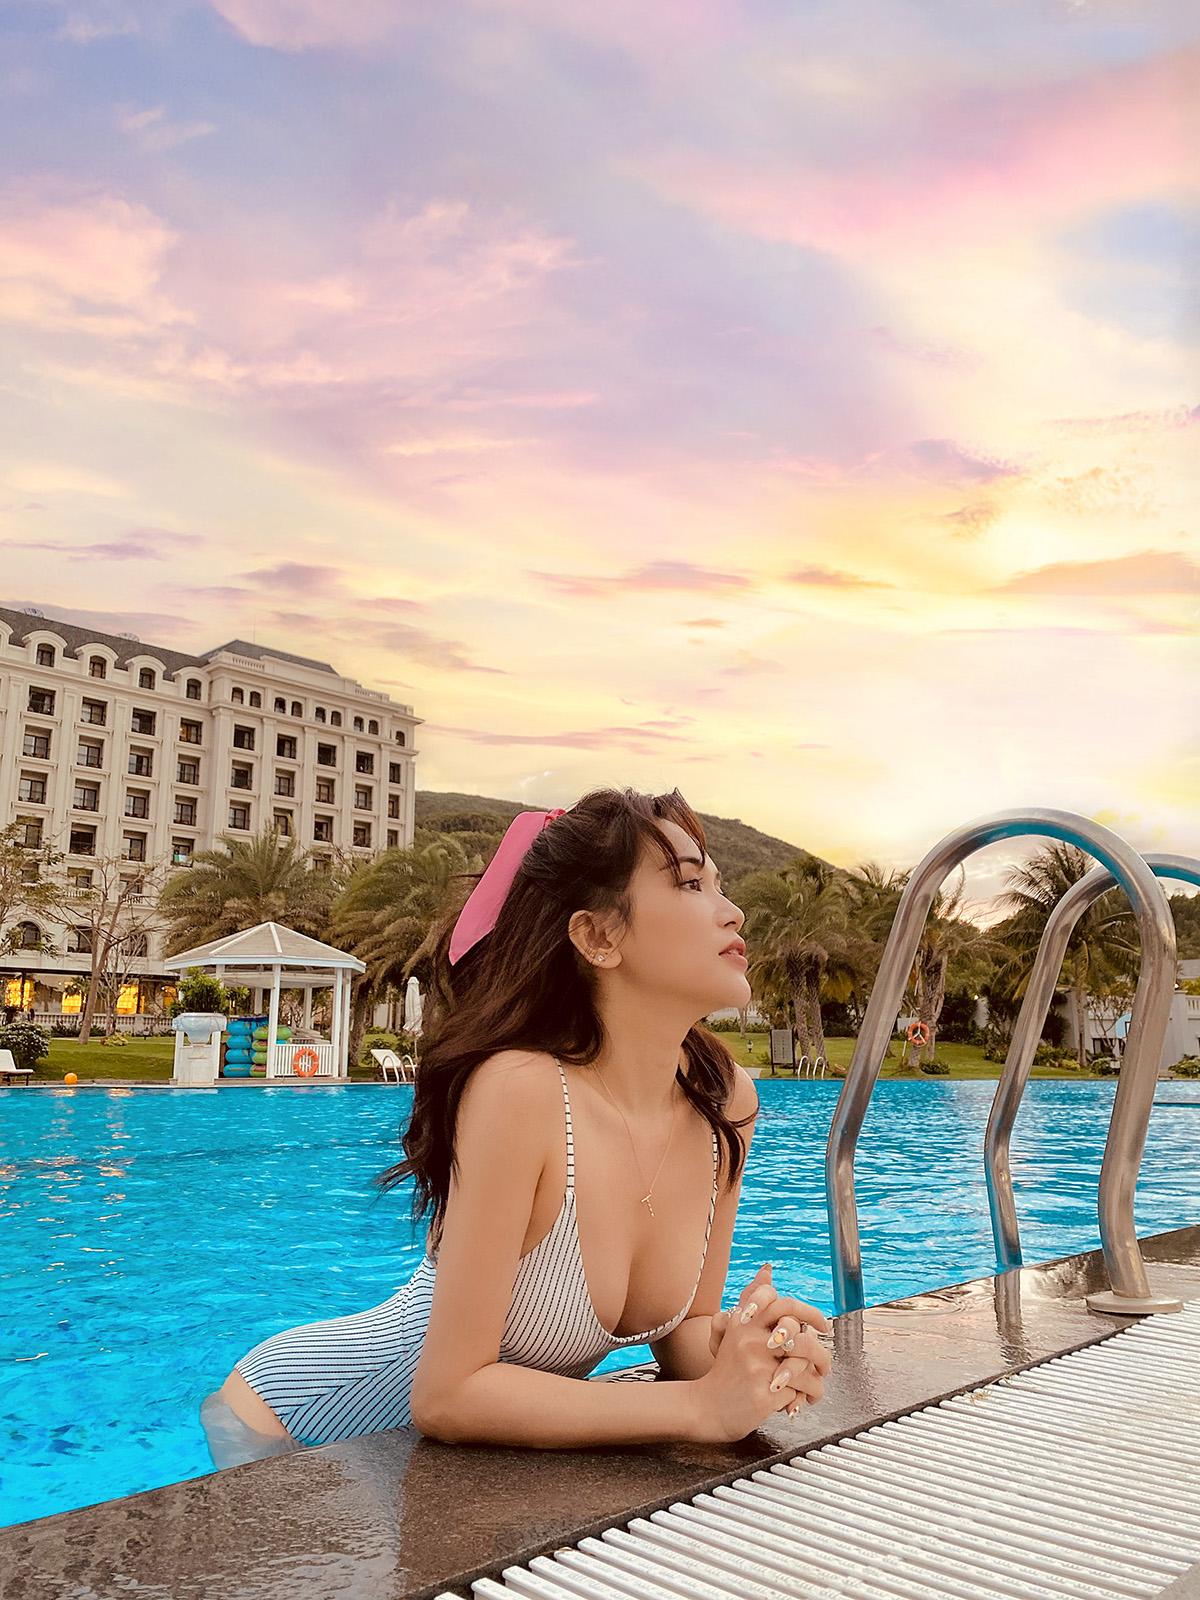 Trong bộ ảnh bikini nóng bỏng vừa tung ra, Sỹ Thanh tiếp tục khiến fan hâm mộ suýt xoa về sắc vóc chuẩn và gu thời trang thời thượng của cô nàng.